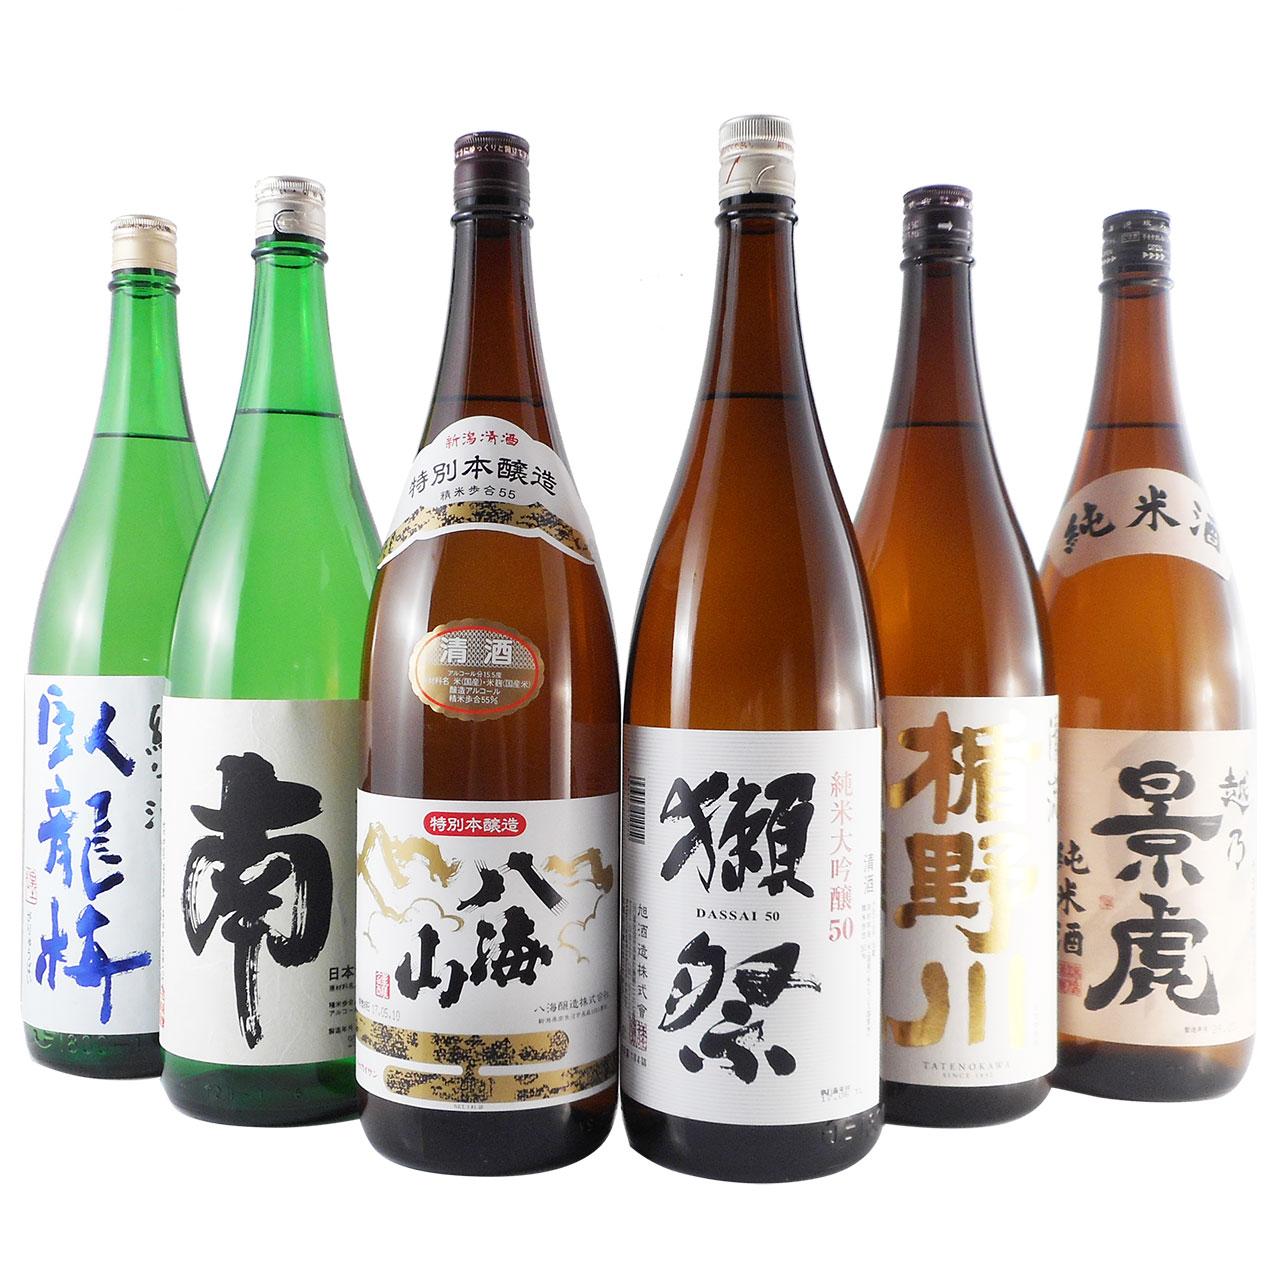 【お歳暮 ギフト】日本酒 飲み比べセット 一升瓶 6本 臥龍梅、南、八海山、獺祭、楯野川、越乃景虎1.8L送料無料